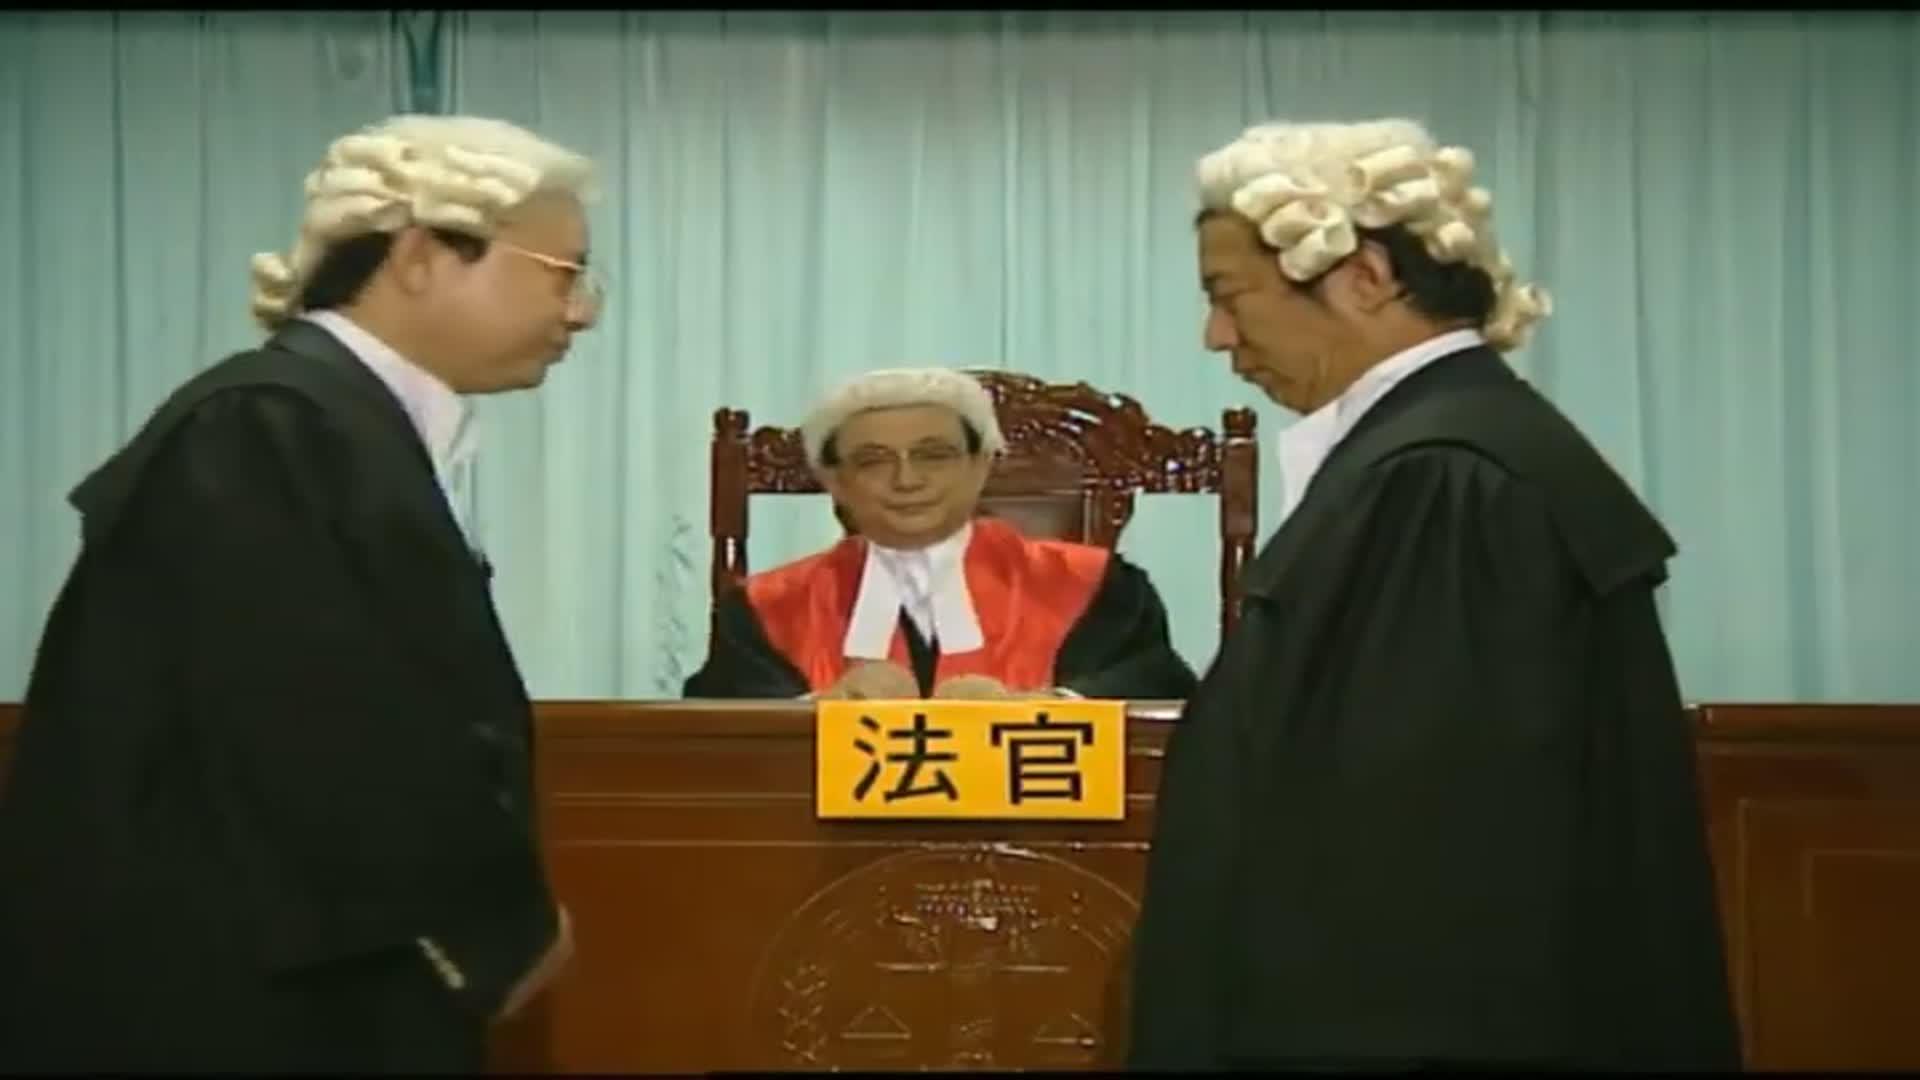 插翅难逃:法院审判张世豪,却因为证据不足,张世豪无罪释放